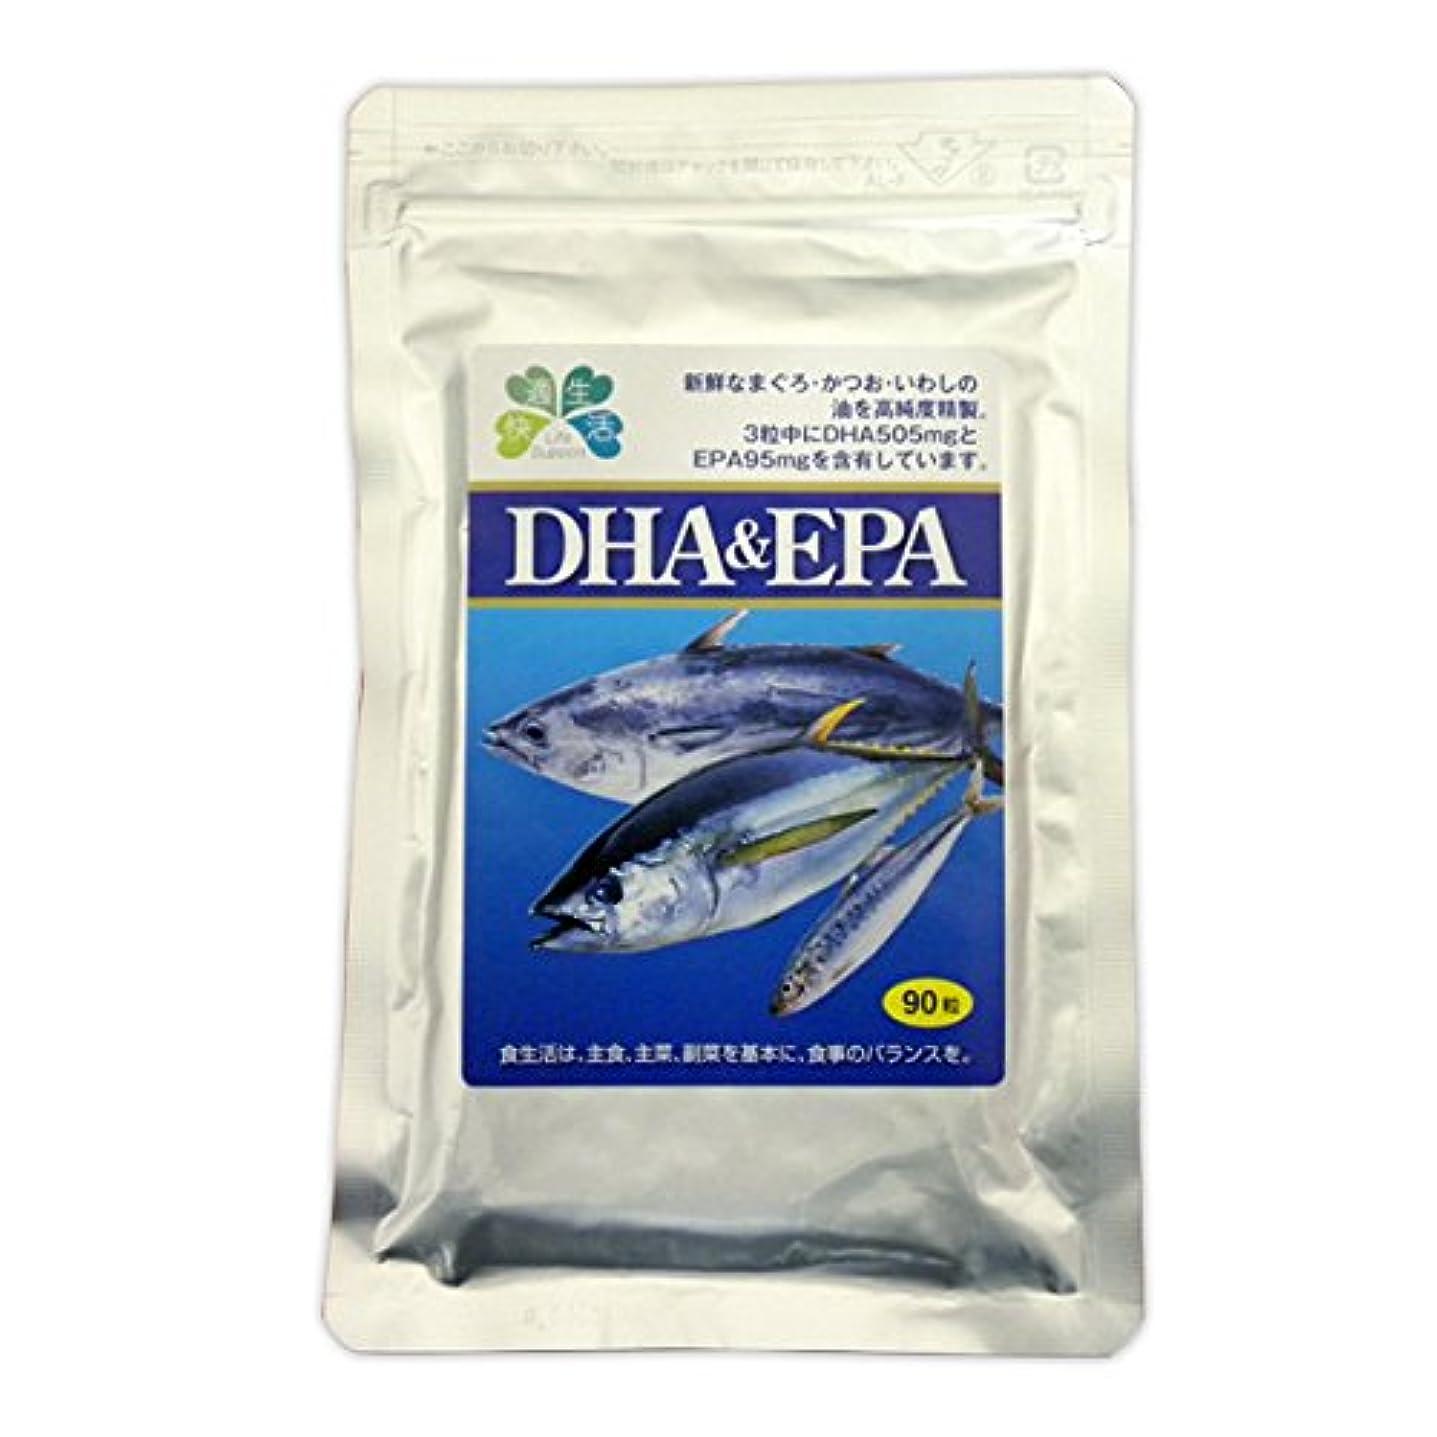 ファンシー責任素晴らしい快適生活 DHA&EPA 4袋